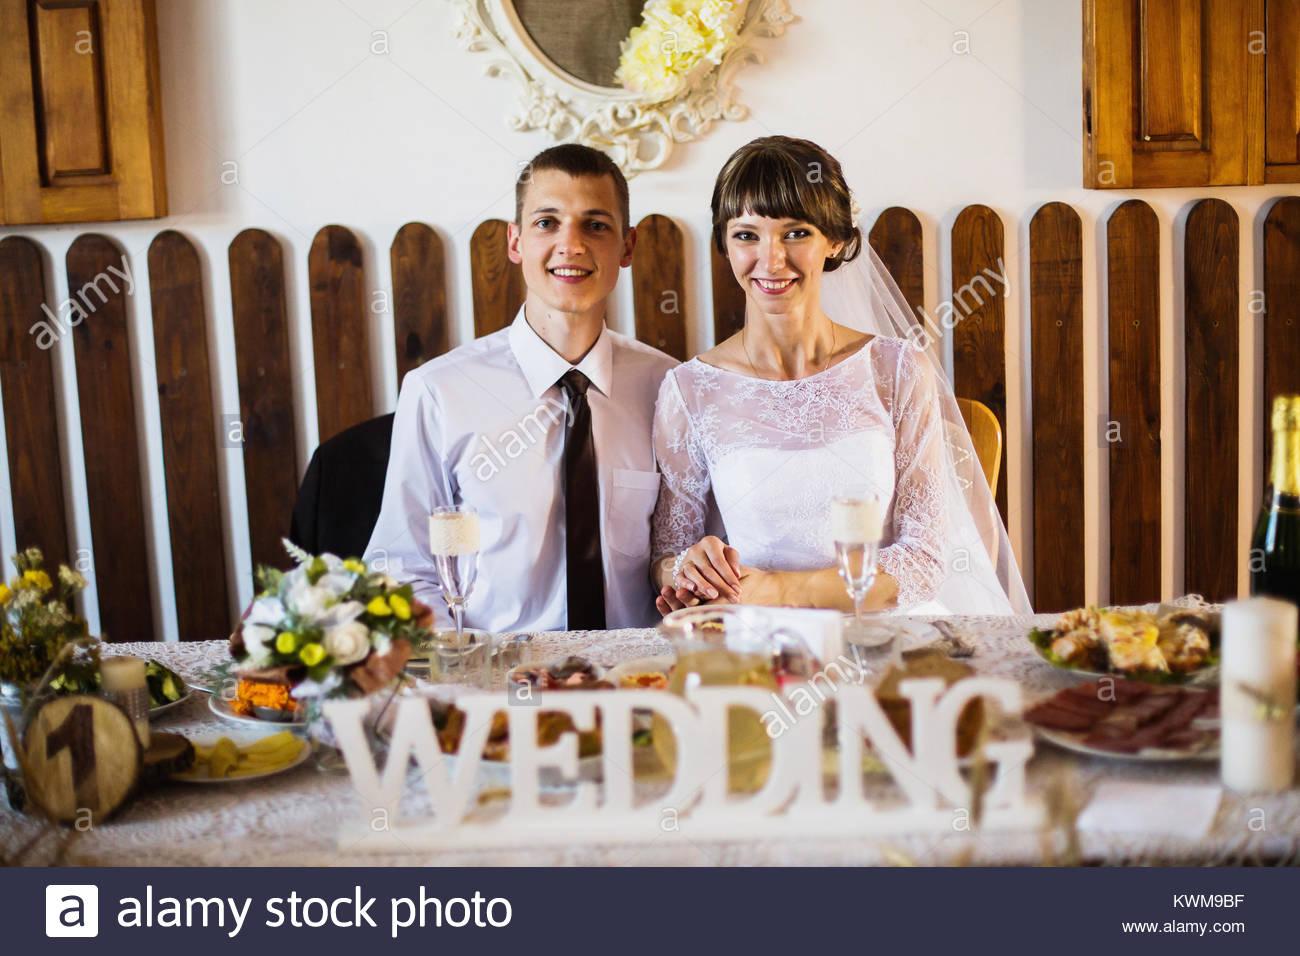 Lo sposo e la sposa in un abito bianco nel ristorante. Fotografia di Matrimonio. Famiglia felice Immagini Stock